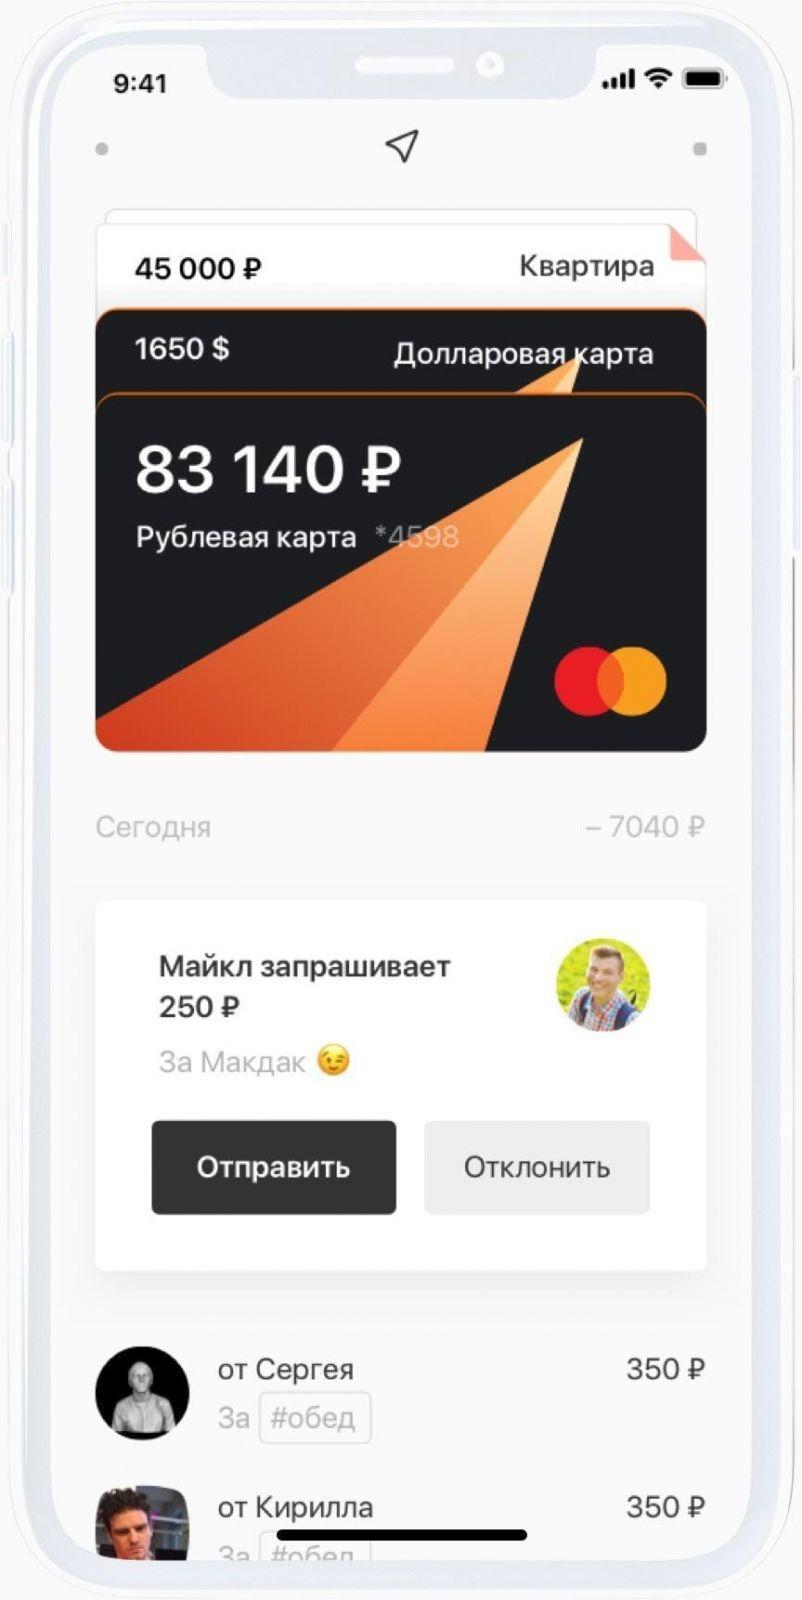 Рокетбанк запускает новое приложение для iOS, которое напомнит об оплате счетов (2 dbb718600c9978992e65779a27e02ffd)